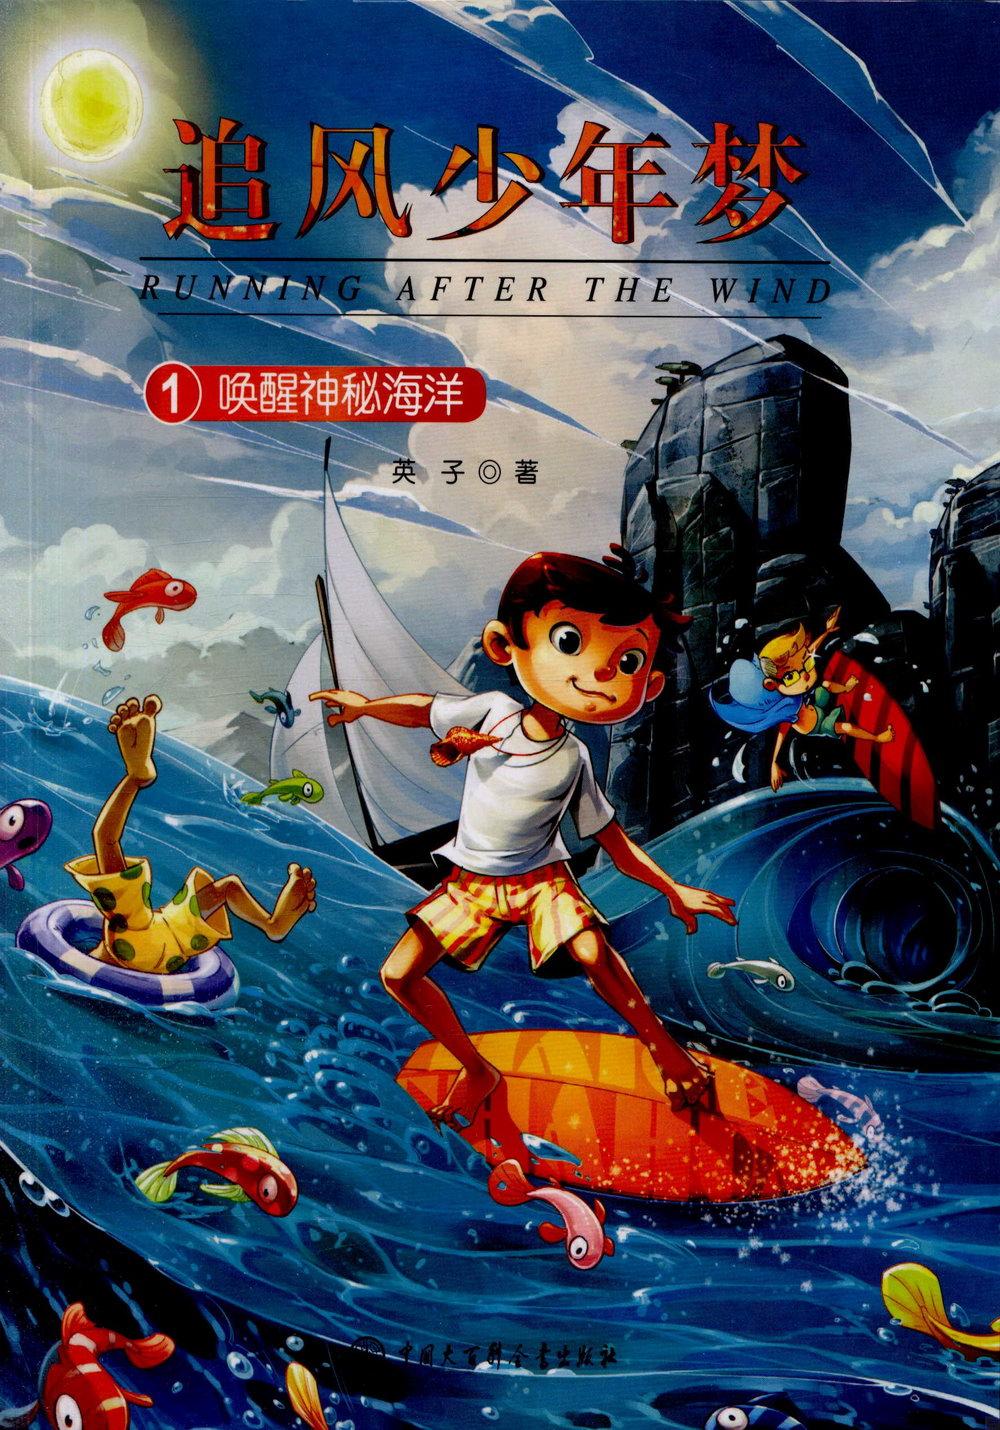 追風少年夢(1):喚醒神秘海洋